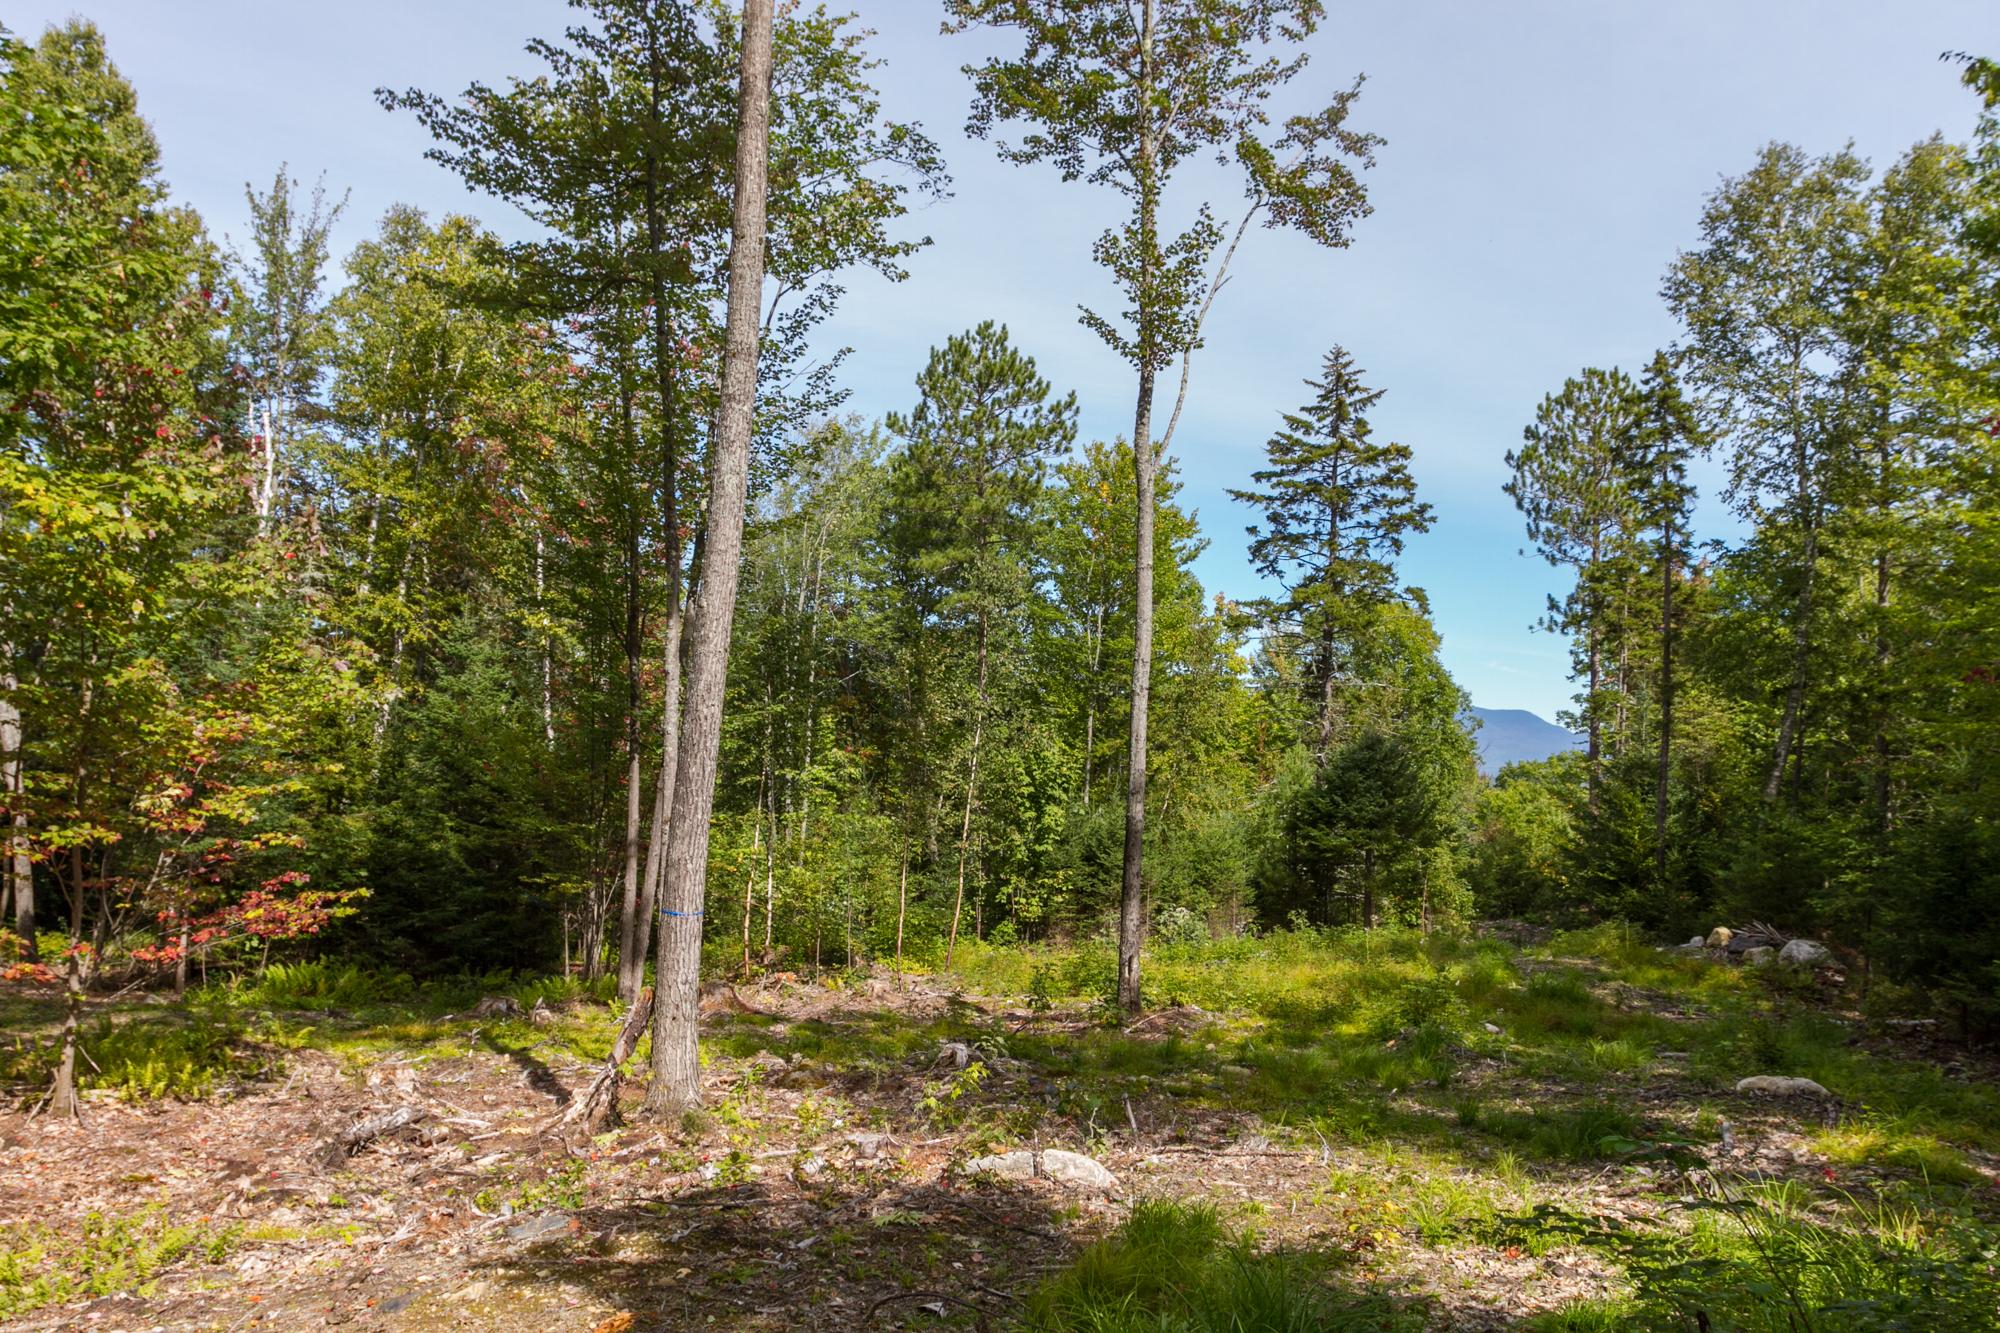 Land for Sale at Lot 8 Simonds Rd, Dalton Dalton, New Hampshire, 03598 United States